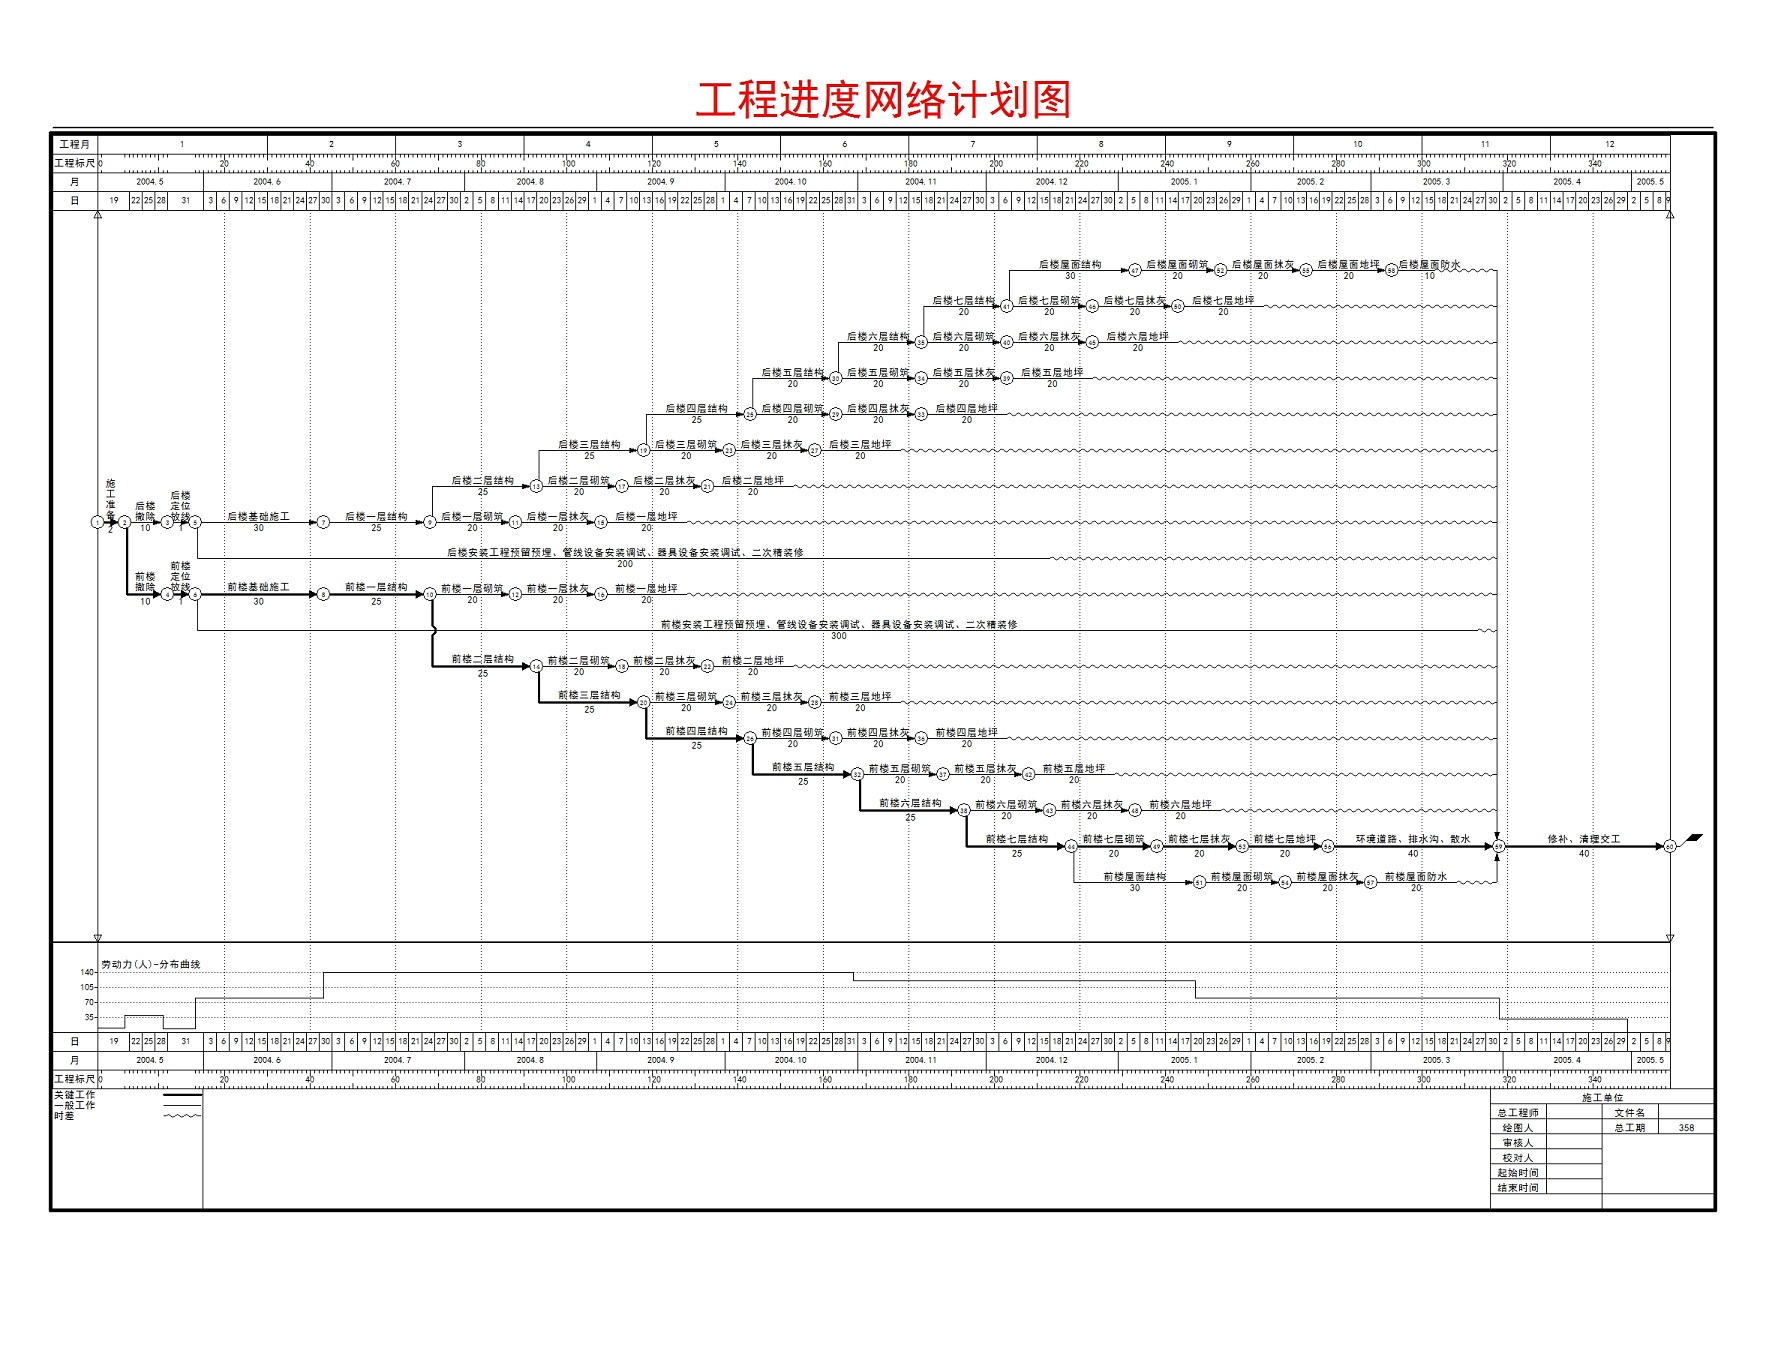 翰文生产计划排程(Aps)软件